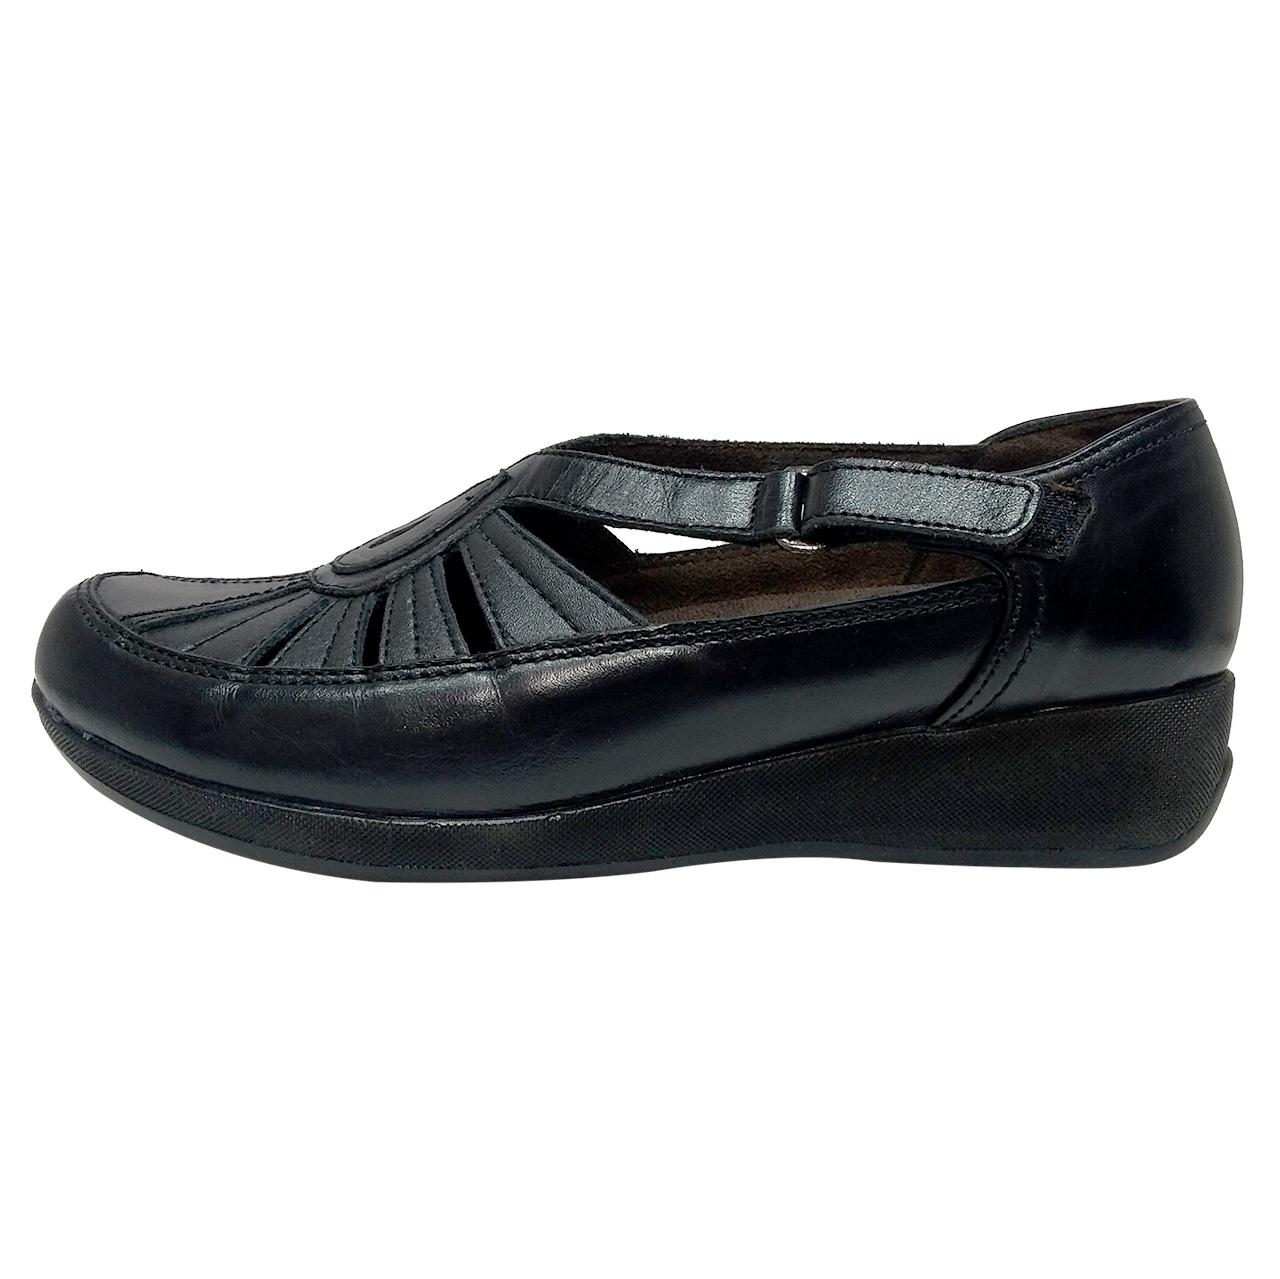 خرید                      کفش زنانه روشن مدل 112 کد 01